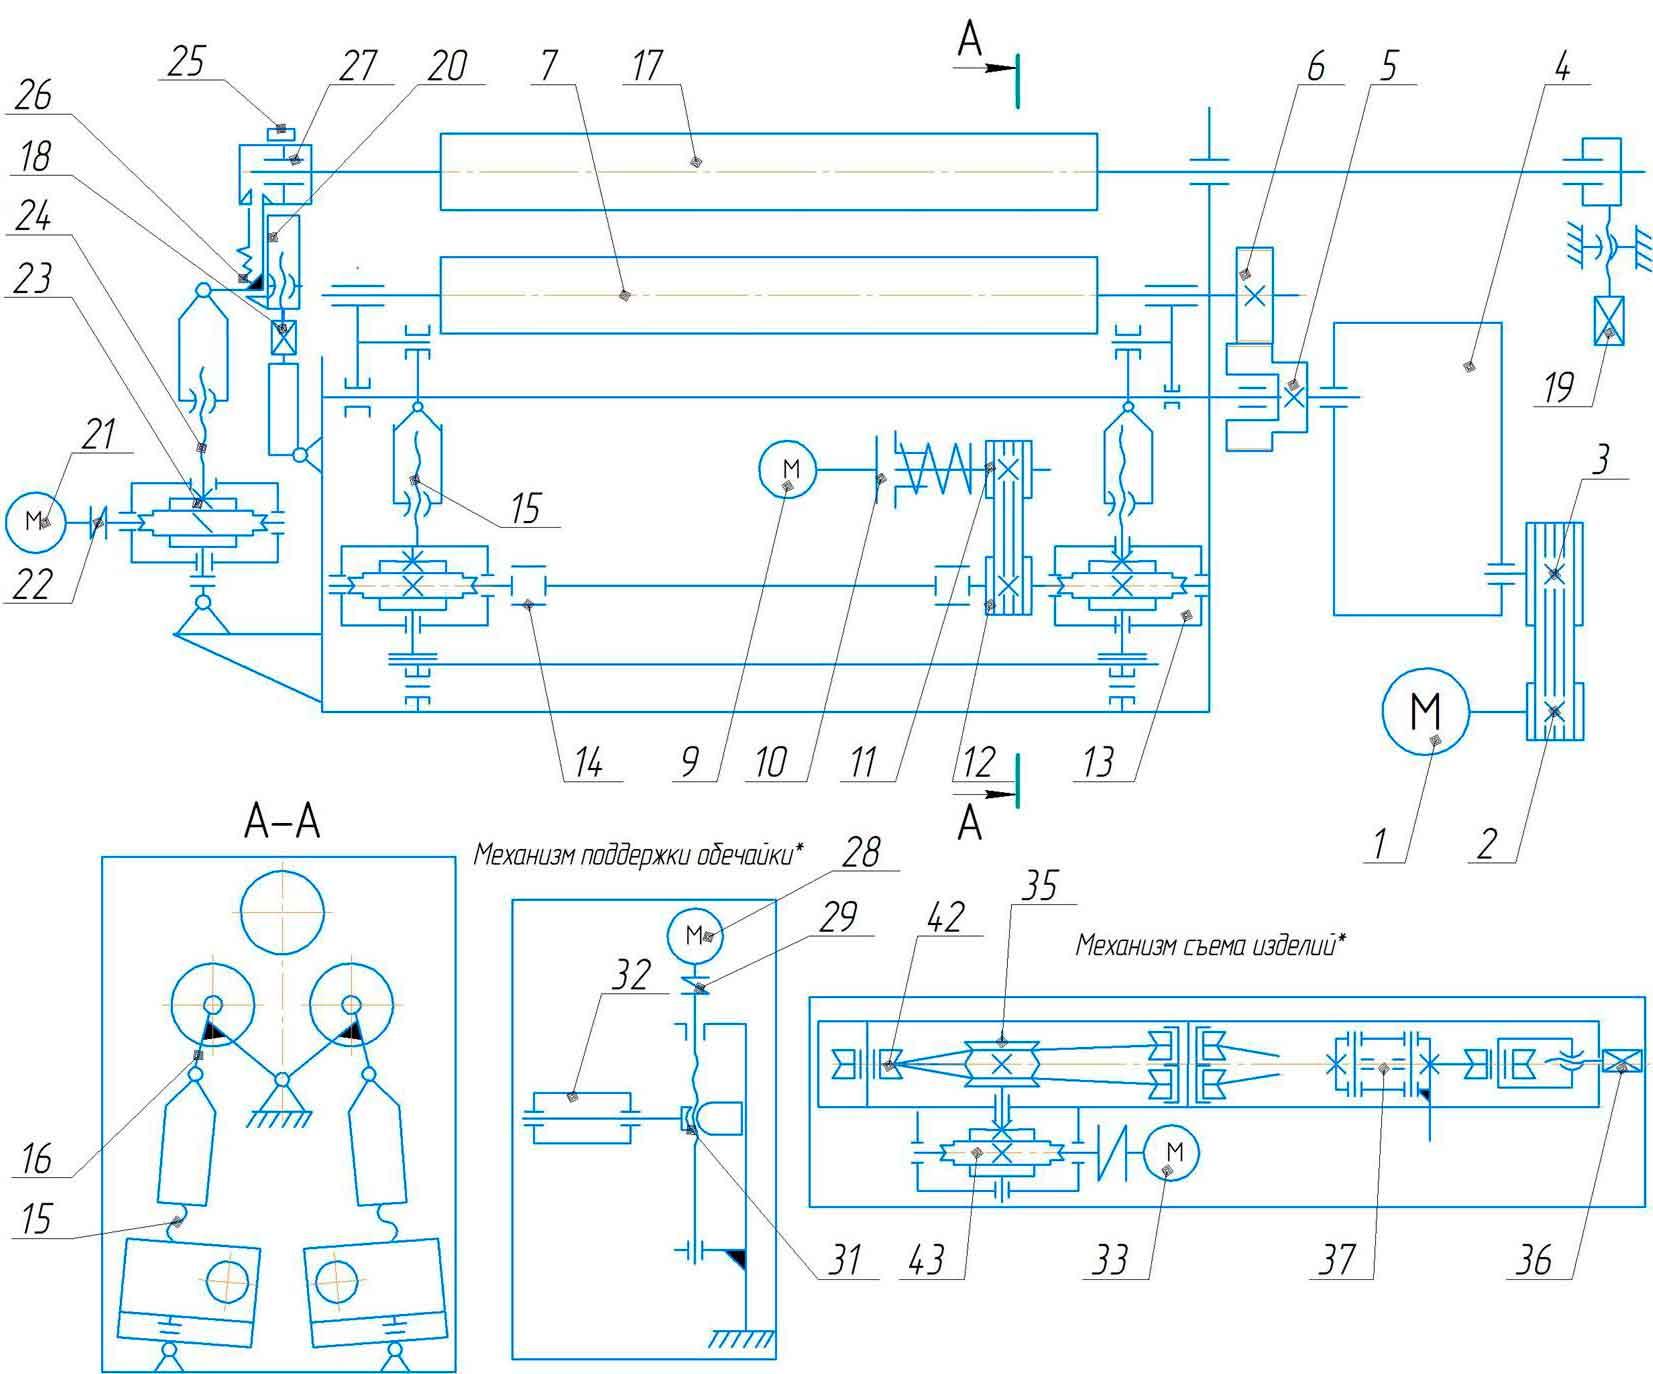 Кинематическаясхемамашины листогибочной ИБ2216